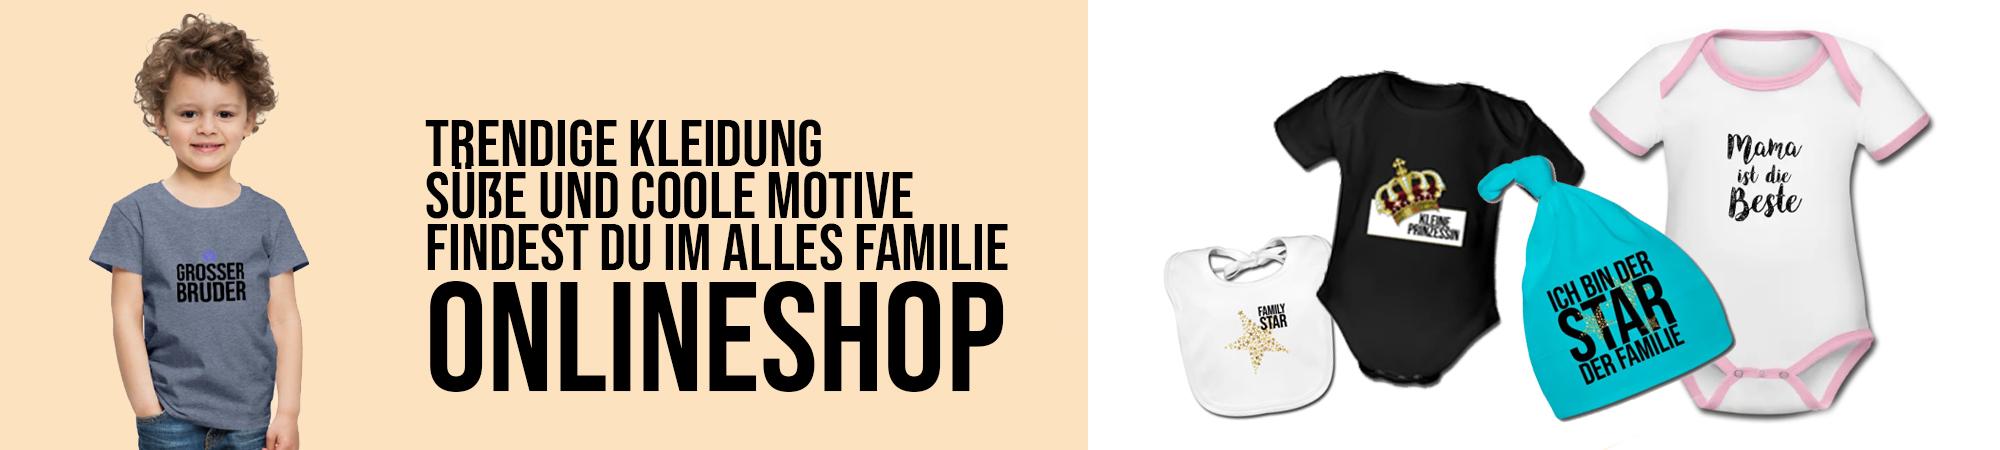 Online Shop | Alles Familie